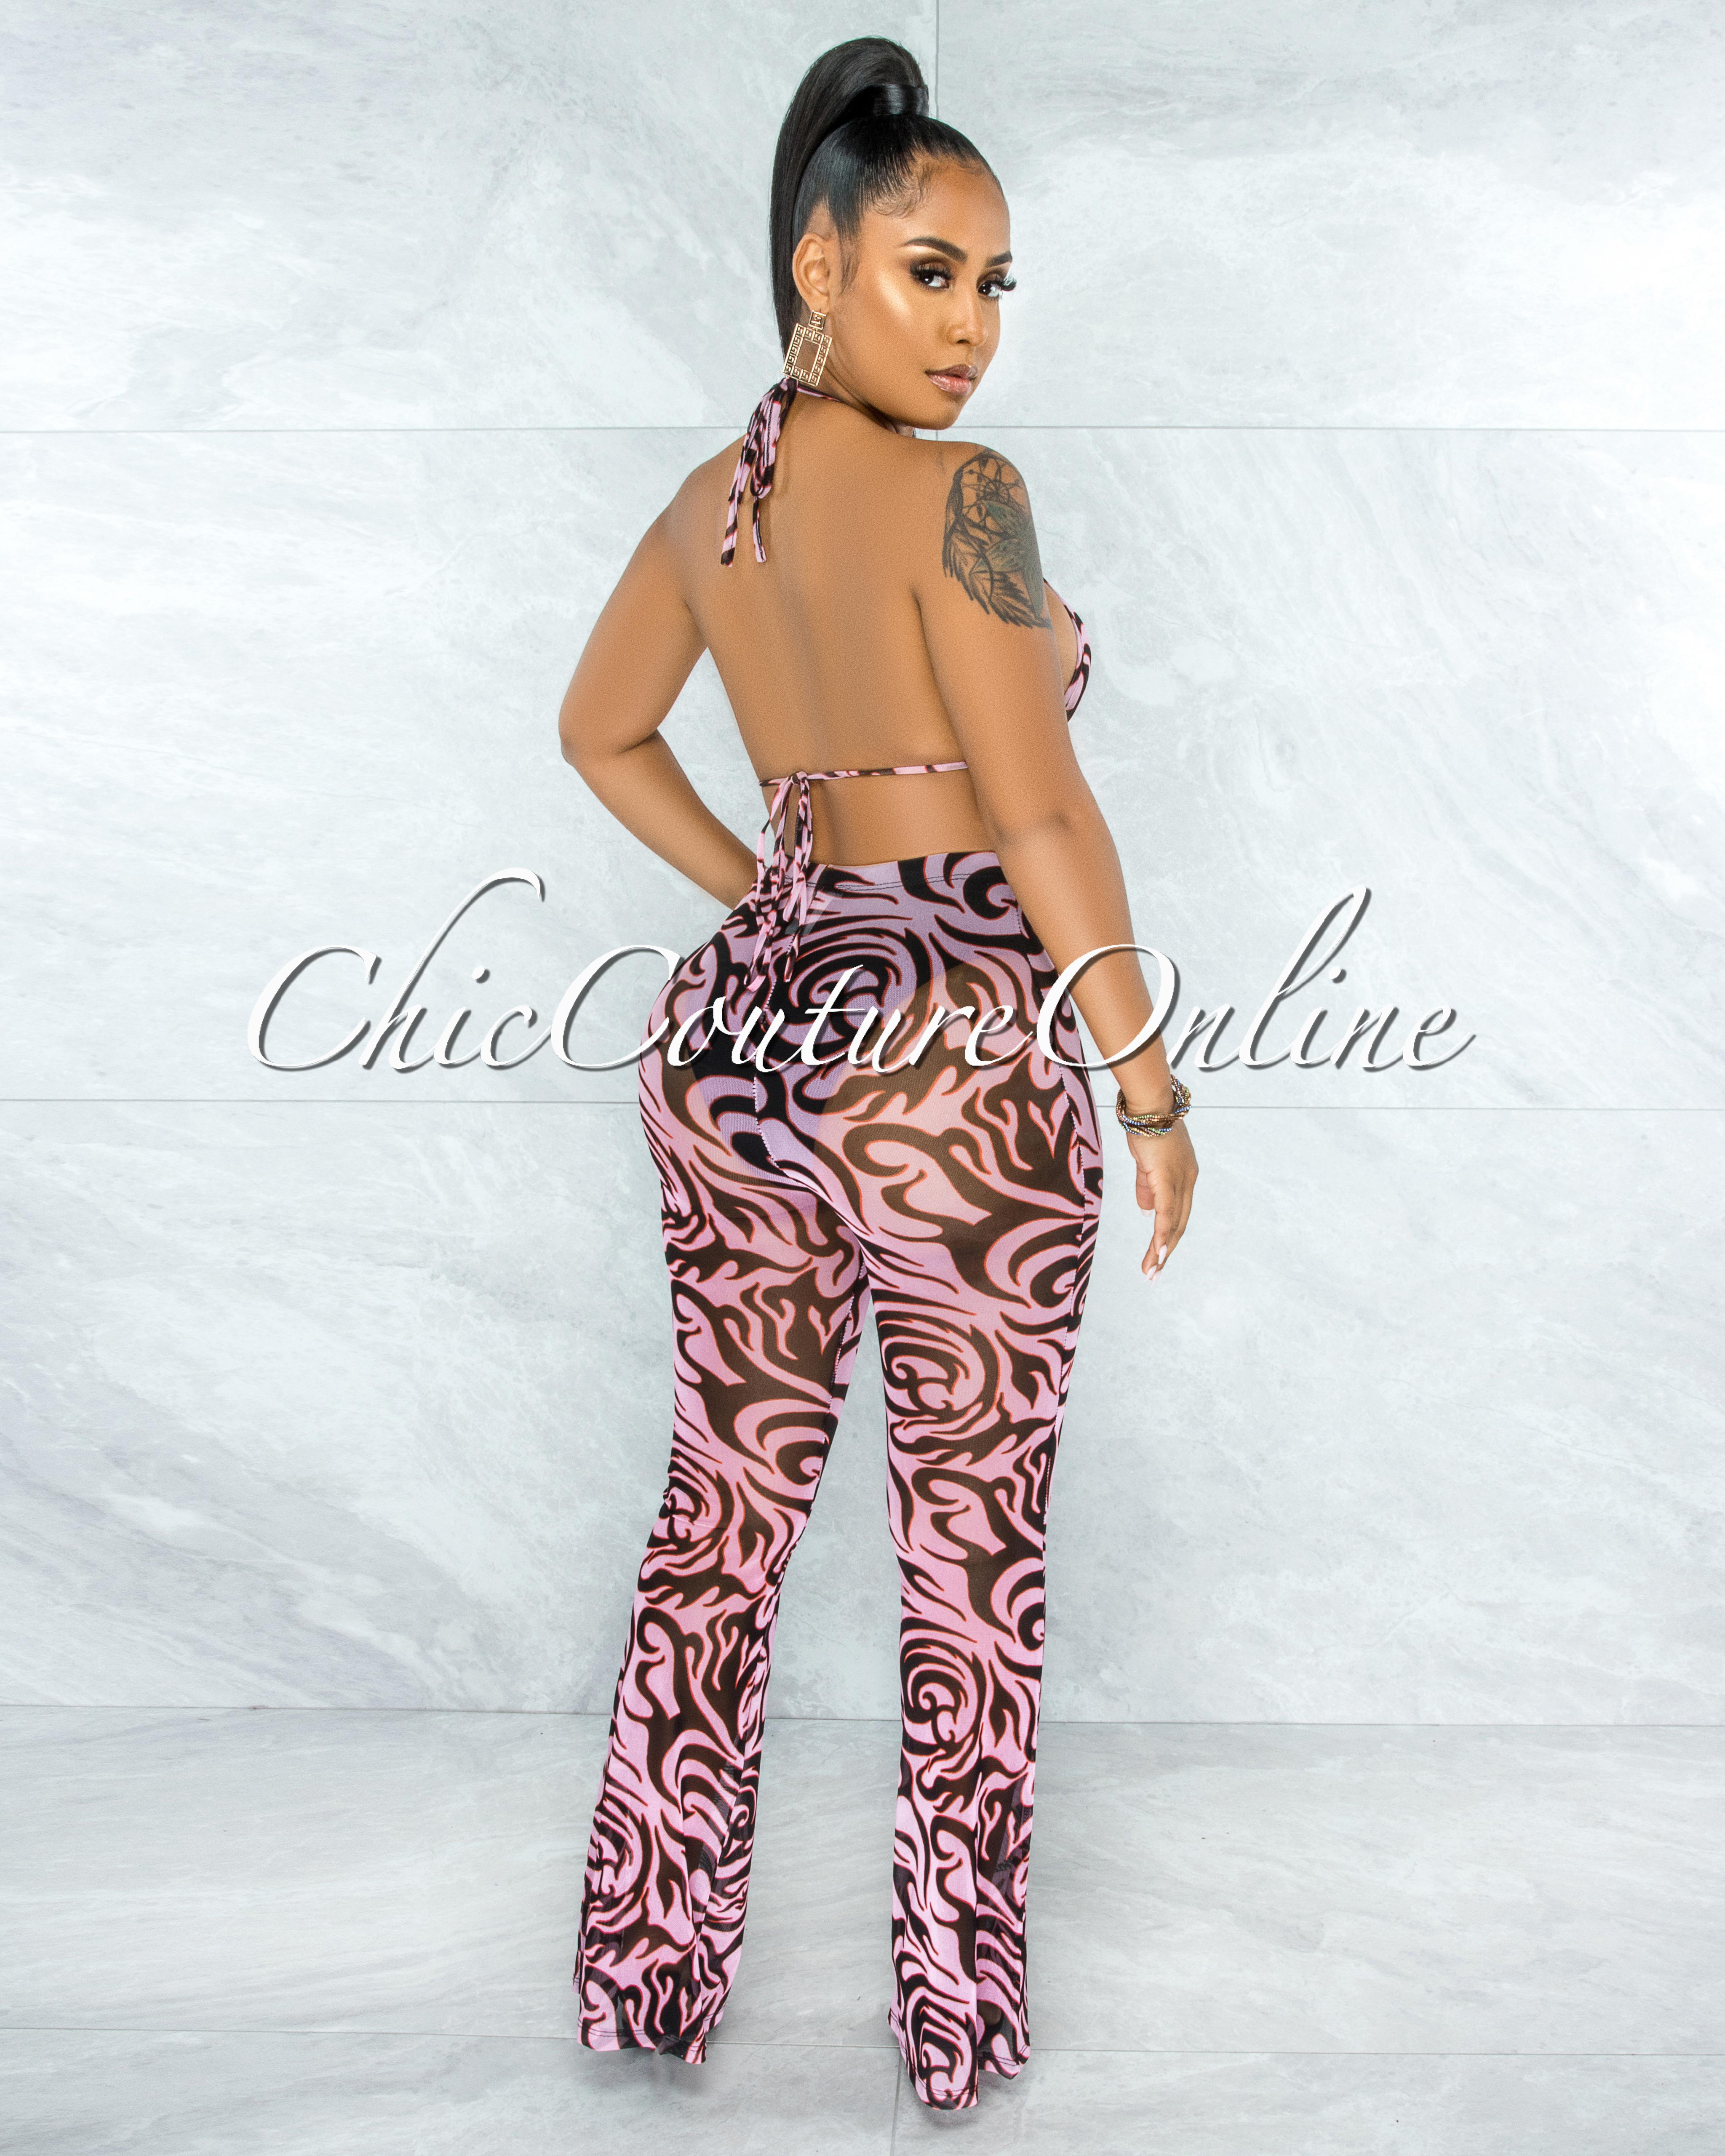 Medeba Pink Black Print Mesh Two Piece Sheer Set